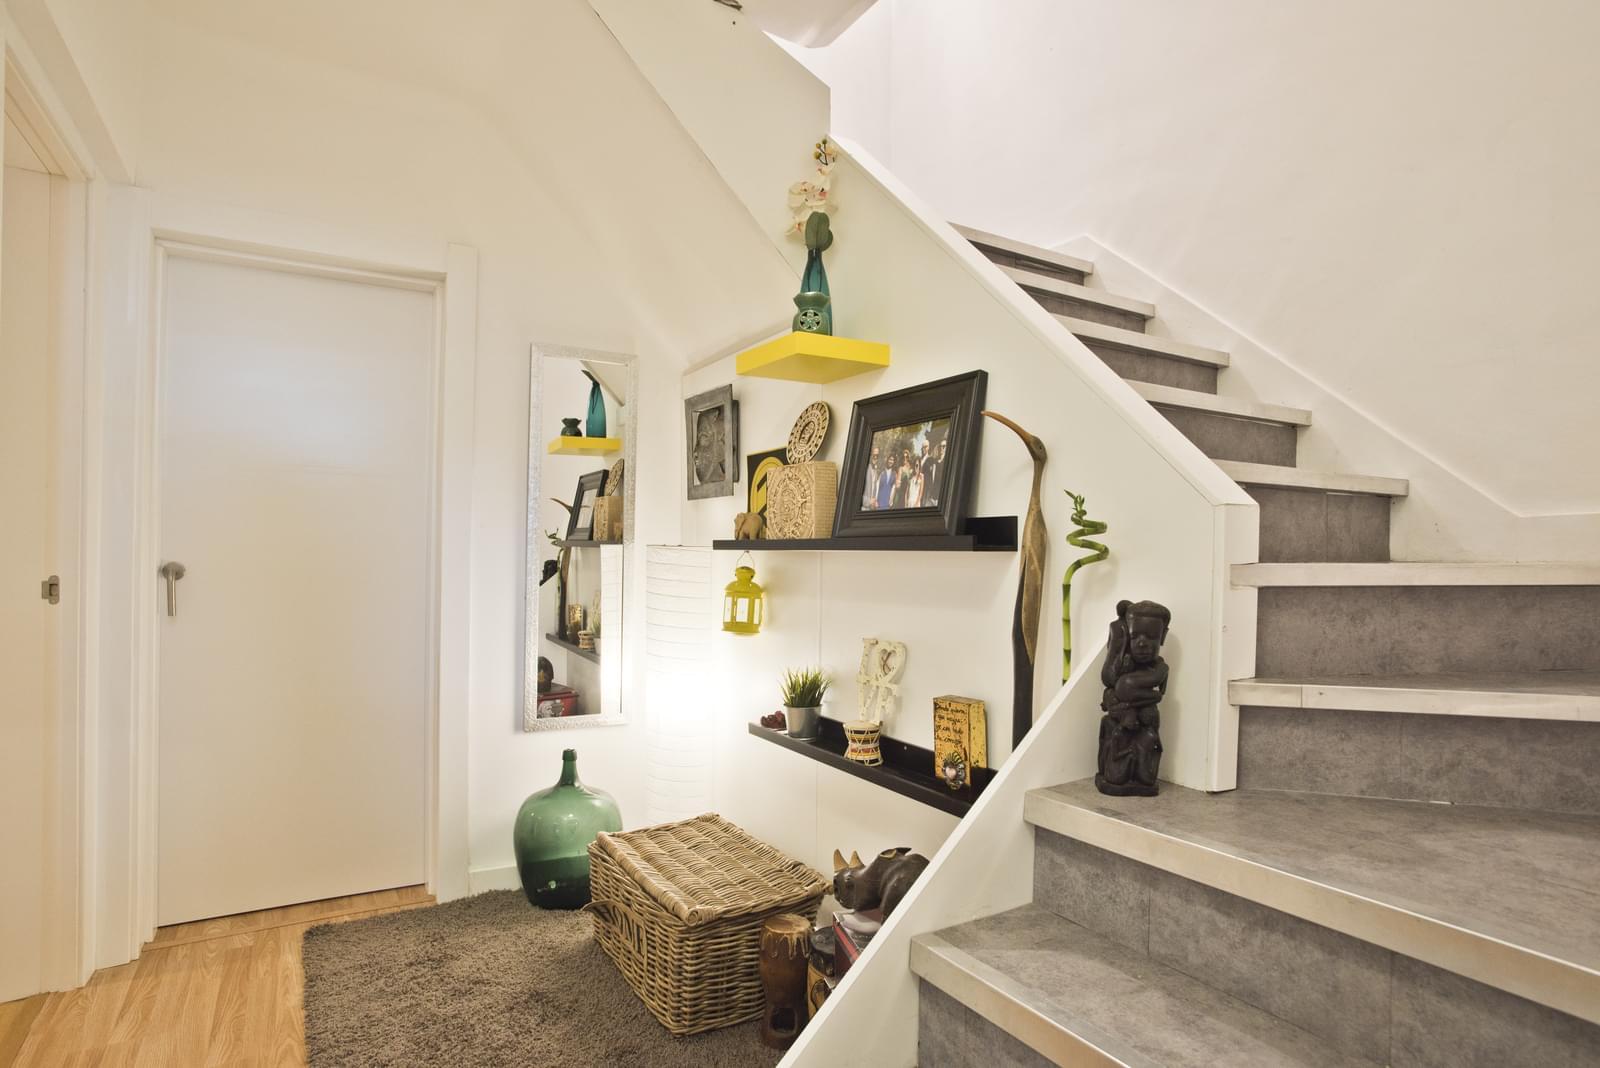 pf17010-apartamento-t4-cascais-1581cfc8-640e-4867-ae2c-25ebe8984ec2